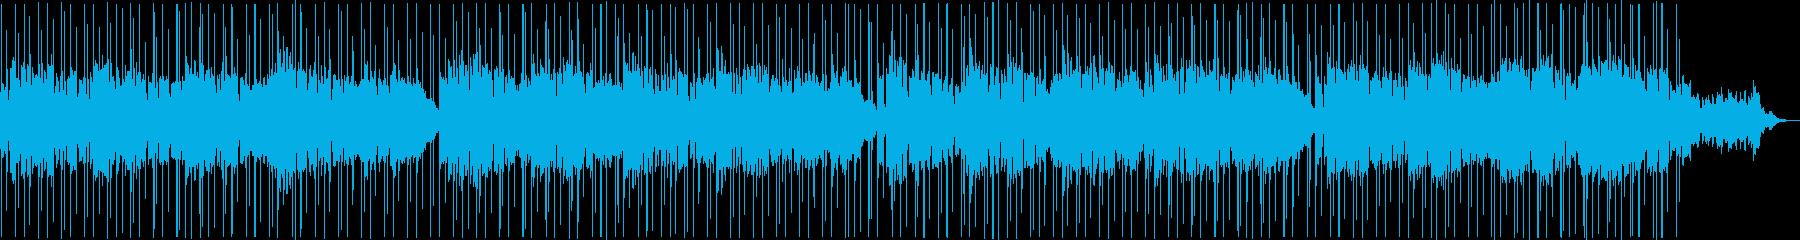 【雑談配信】チル/生演奏ギターの再生済みの波形